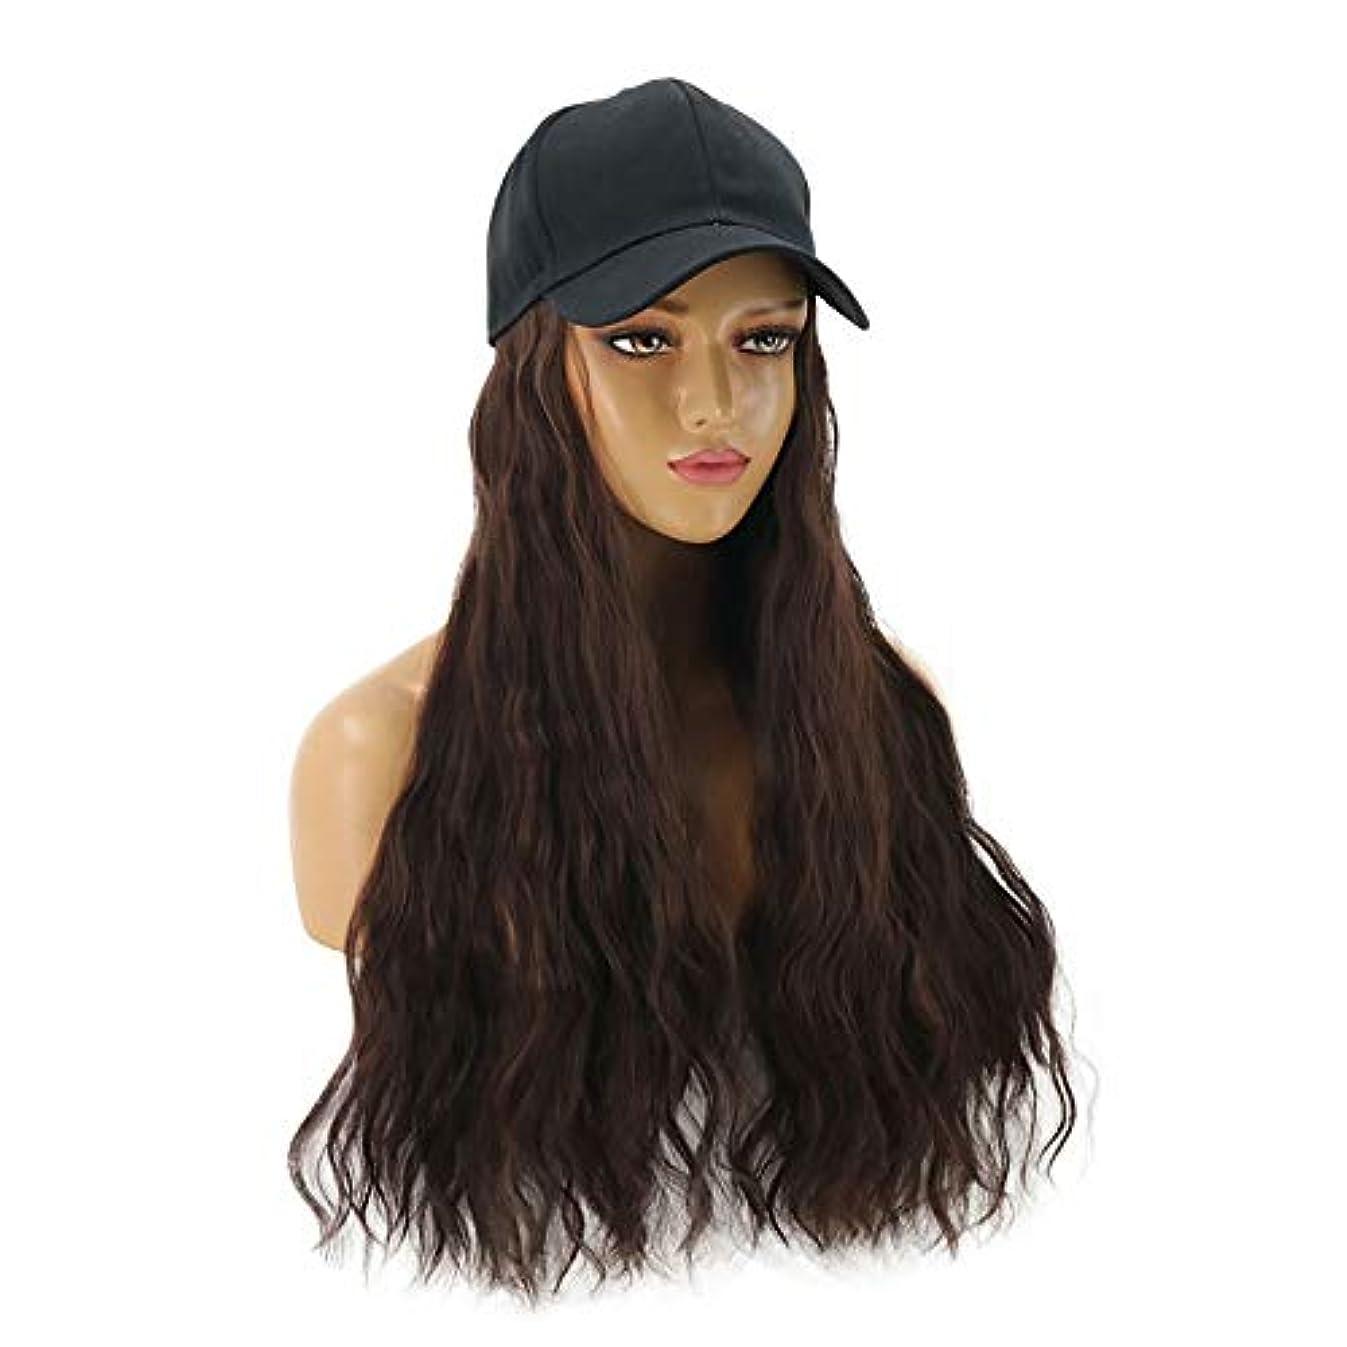 コショウワックスコンパイルHAILAN HOME-かつら ファッションストリート女性かつらハットワンピース帽子ウィッグのトウモロコシホットBenightedブラウン/ブラックワンピース取り外し可能 (色 : Dark brown)